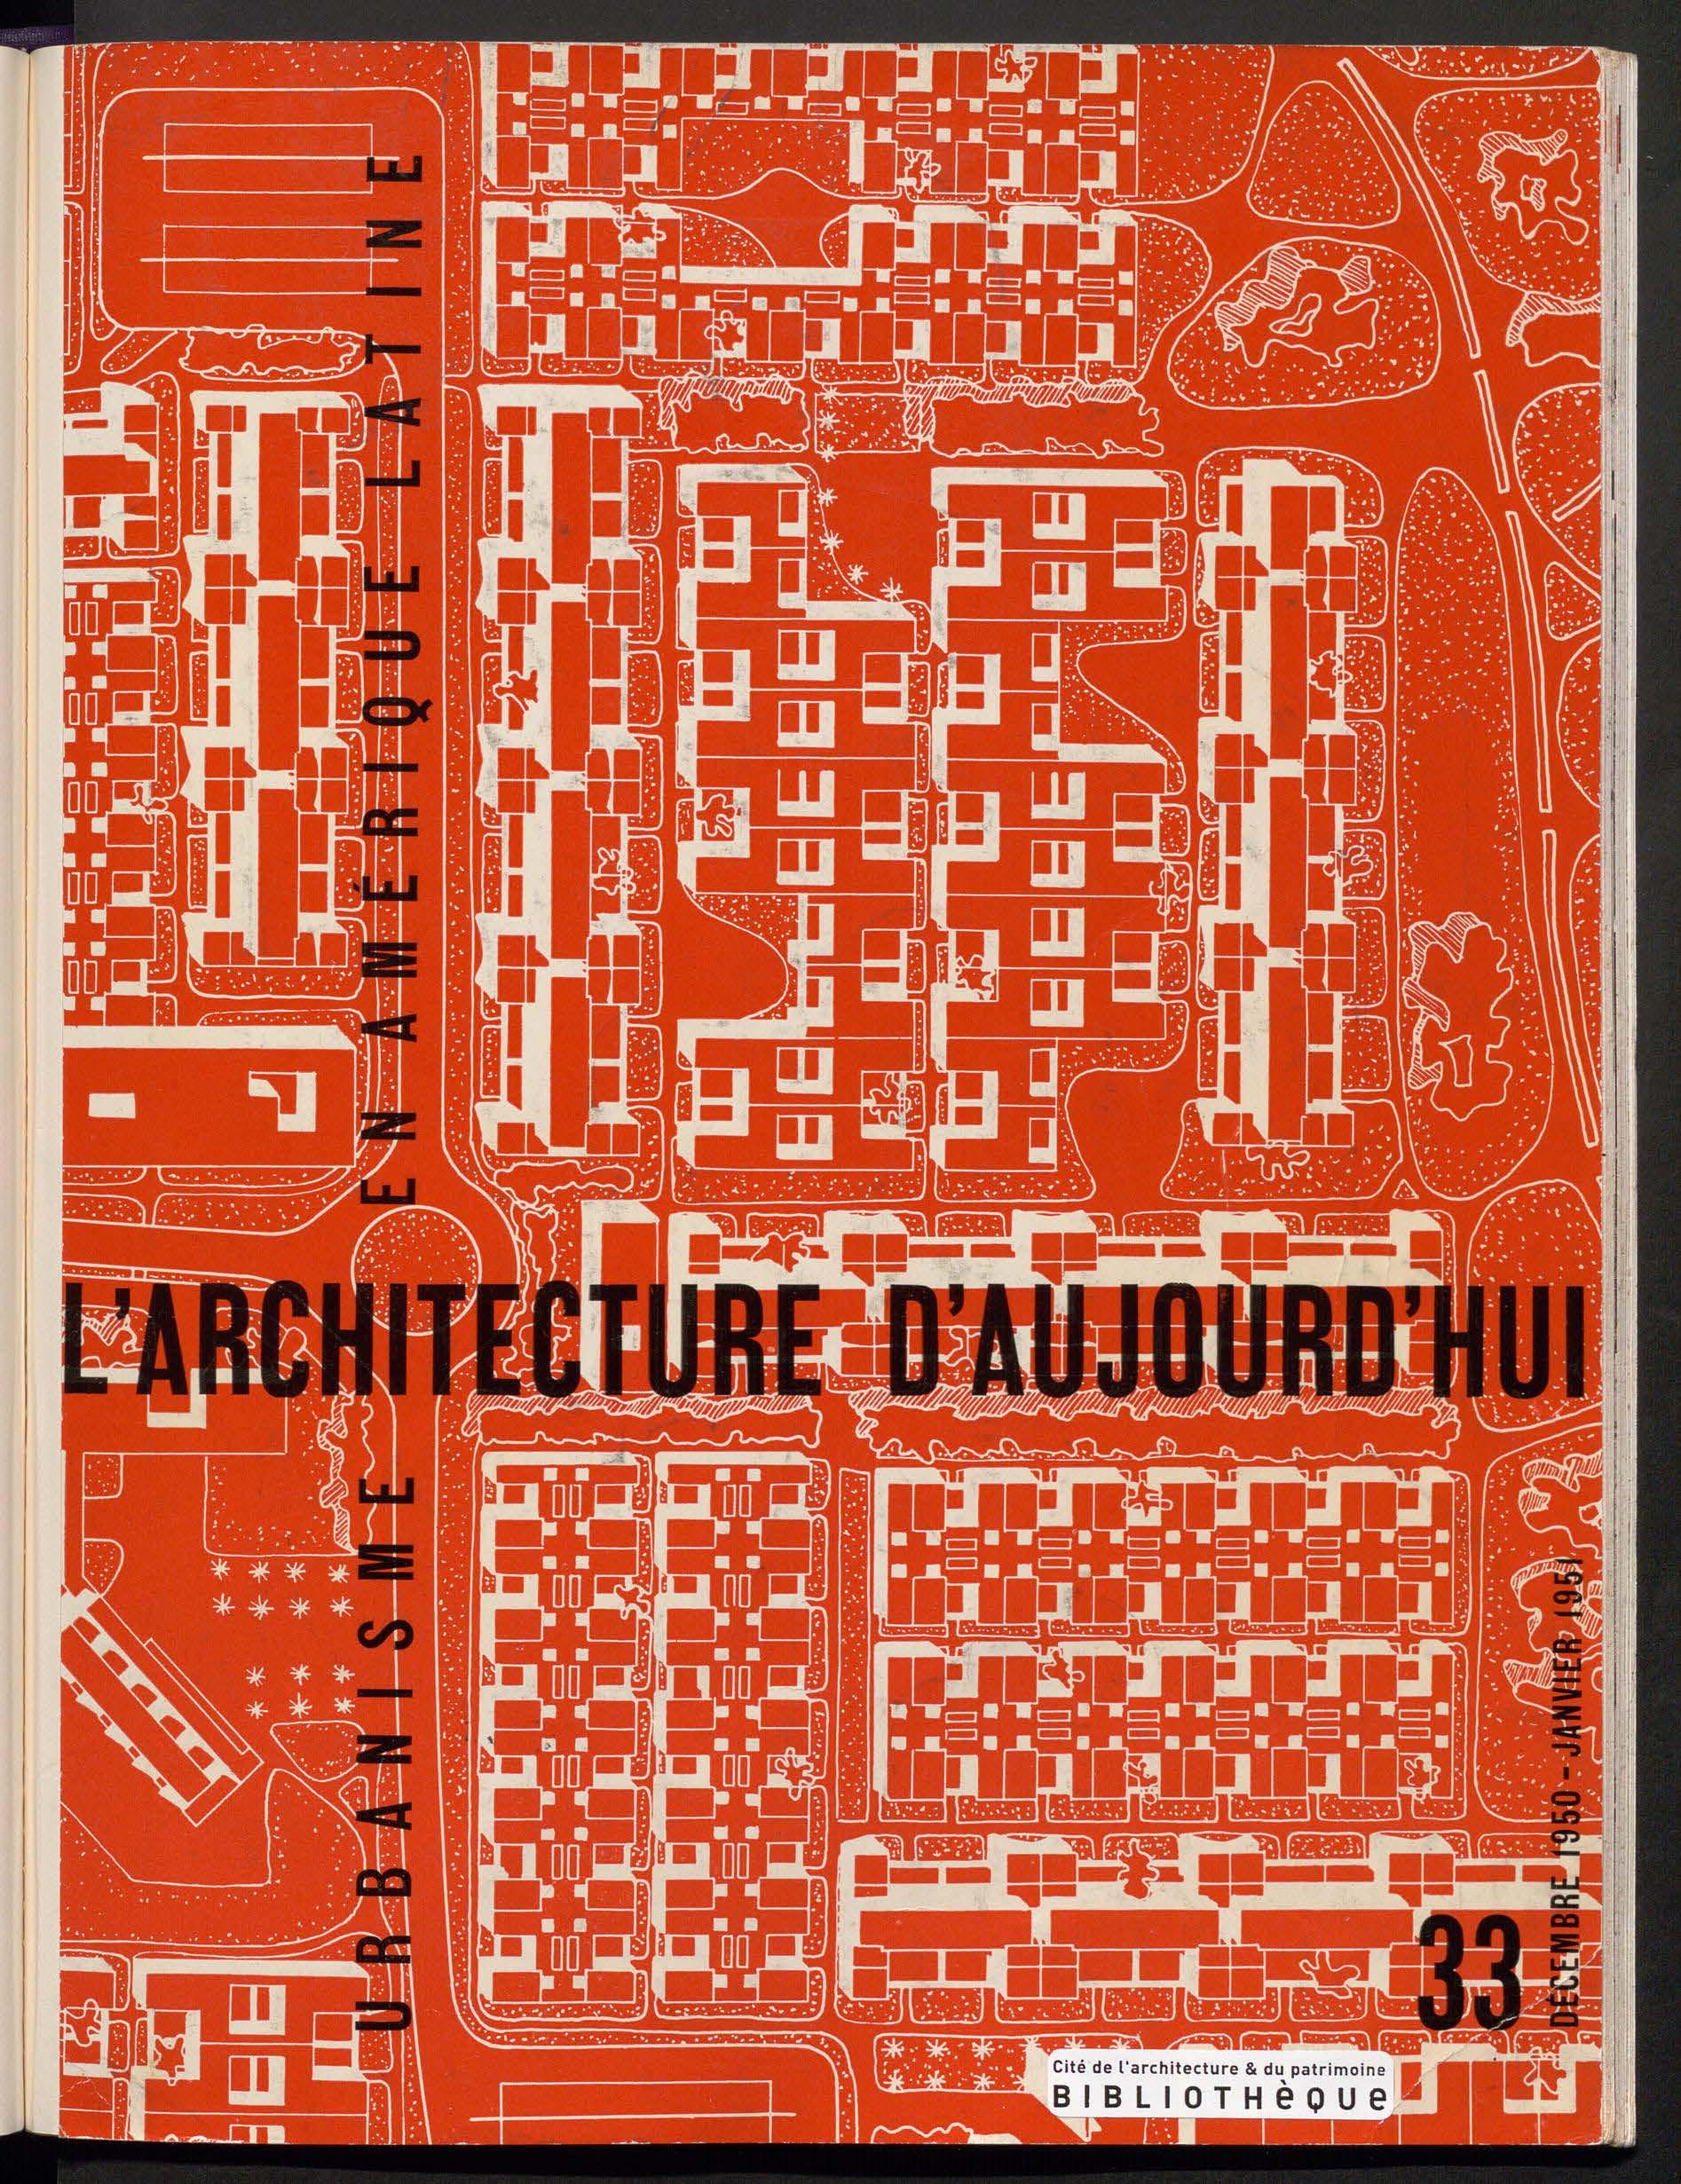 L'Architecture d'aujourd'hui, no. 33, 1950 |